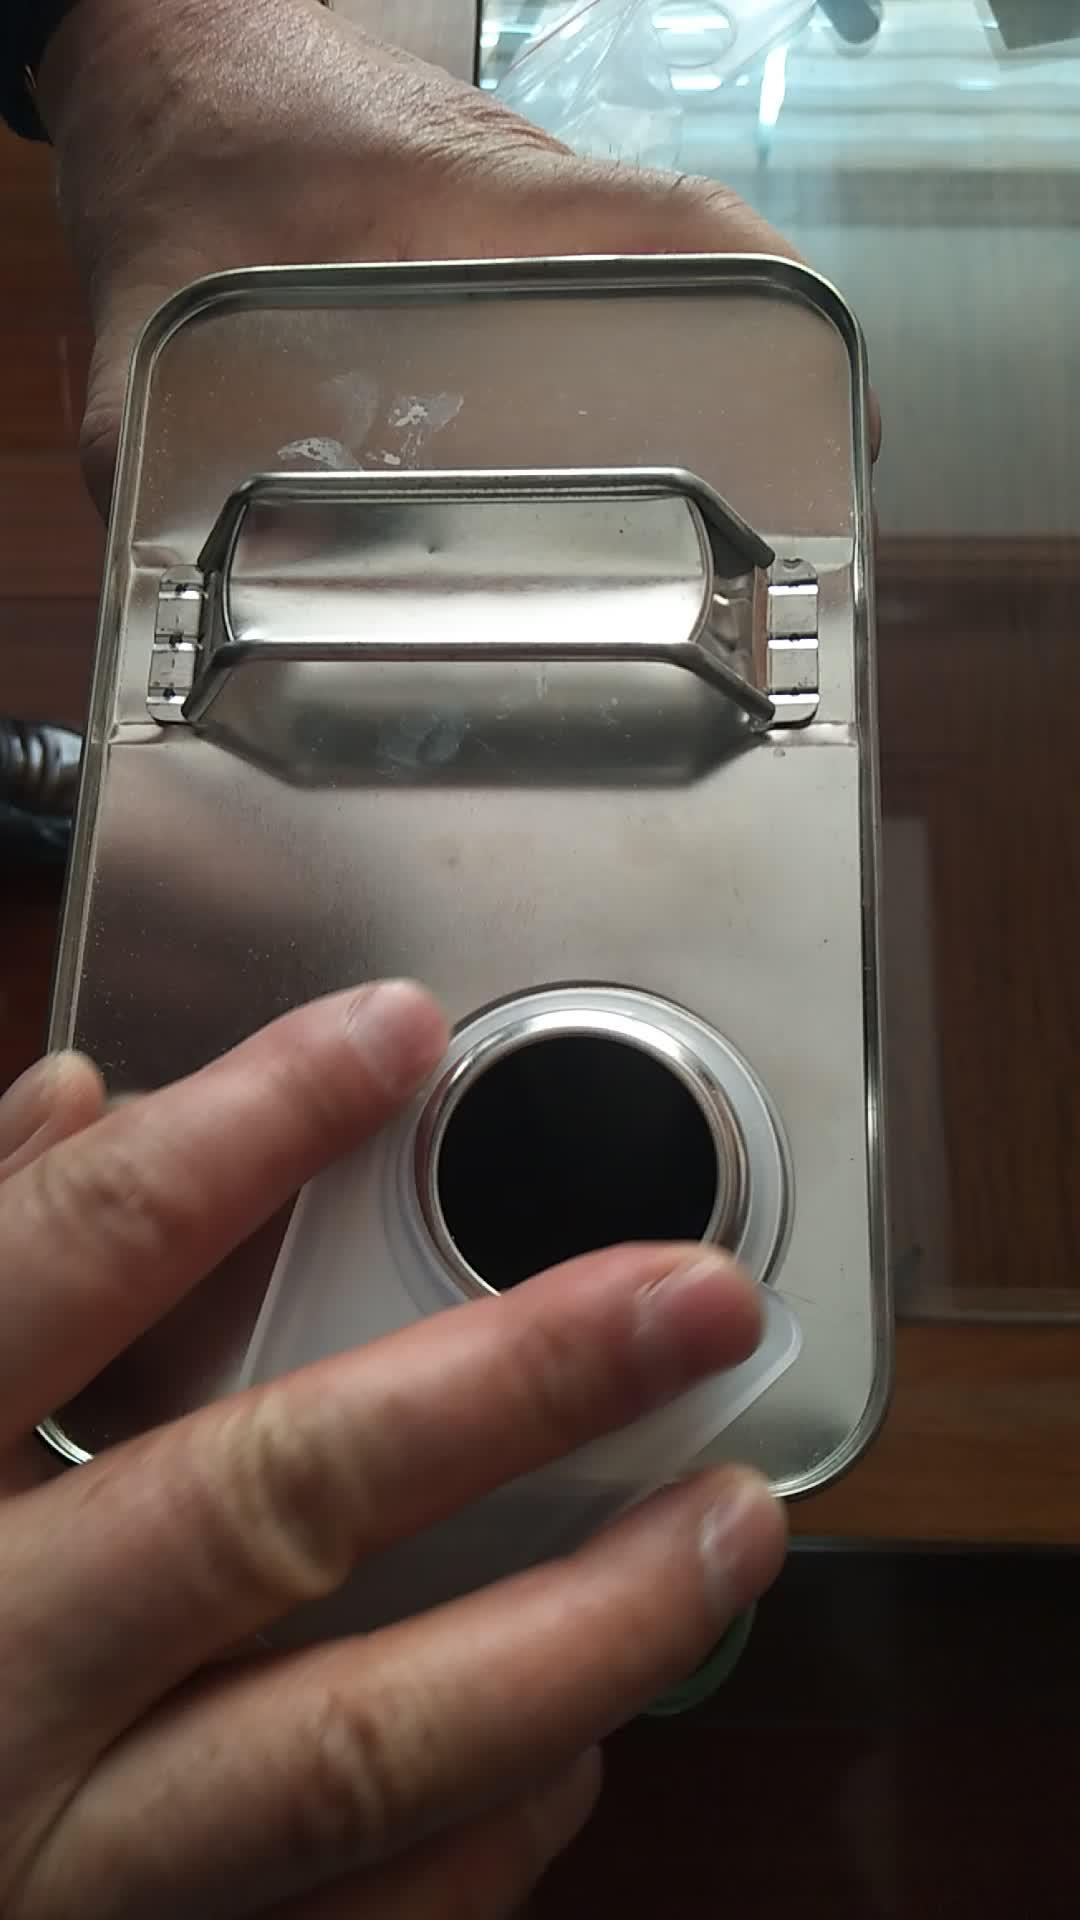 1 gallonen 4L F-stil weißblech können mit schraube deckel und metall griff für chemikalien verpackung